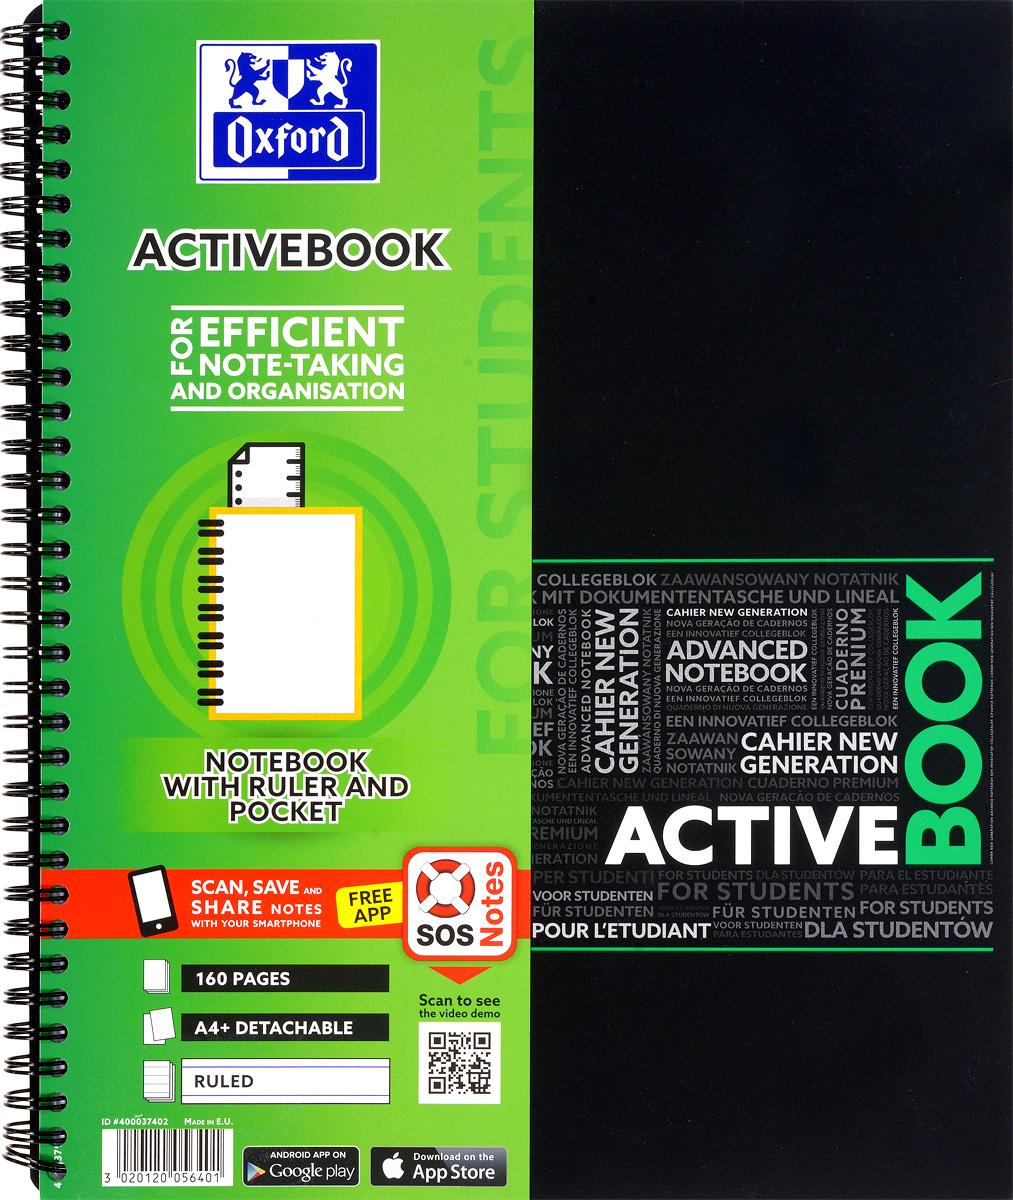 Oxford Тетрадь Sos Notes Activebook 80 листов в линейку цвет зеленый72523WDКрасивая и практичная тетрадь Oxford Sos Notes Activebook отлично подойдет для ведения и хранения заметок. Тетрадь формата А4+ состоит из 80 листов белой бумаги и четкой яркой линовкой в линейку. Обложка тетради выполнена из плотного пластика зеленого и черного цвета. Все ваши записи и заметки всегда будут в безопасности, т.к тетрадь основана на двойной металлической спирали. Также тетрадь имеет закругленные и благодаря специальным меткам на каждой странице и бесплатному приложению SOS Notes для вашего телефона или планшета, вы сможете всегда легко перенести ваши записи и зарисовки с бумажной страницы в смартфон или на компьютер.Это прекрасное сочетание тетради и органайзера так как включает в себя внутренний кармашек для хранения документов и закладку-линейку со справочной информацией.